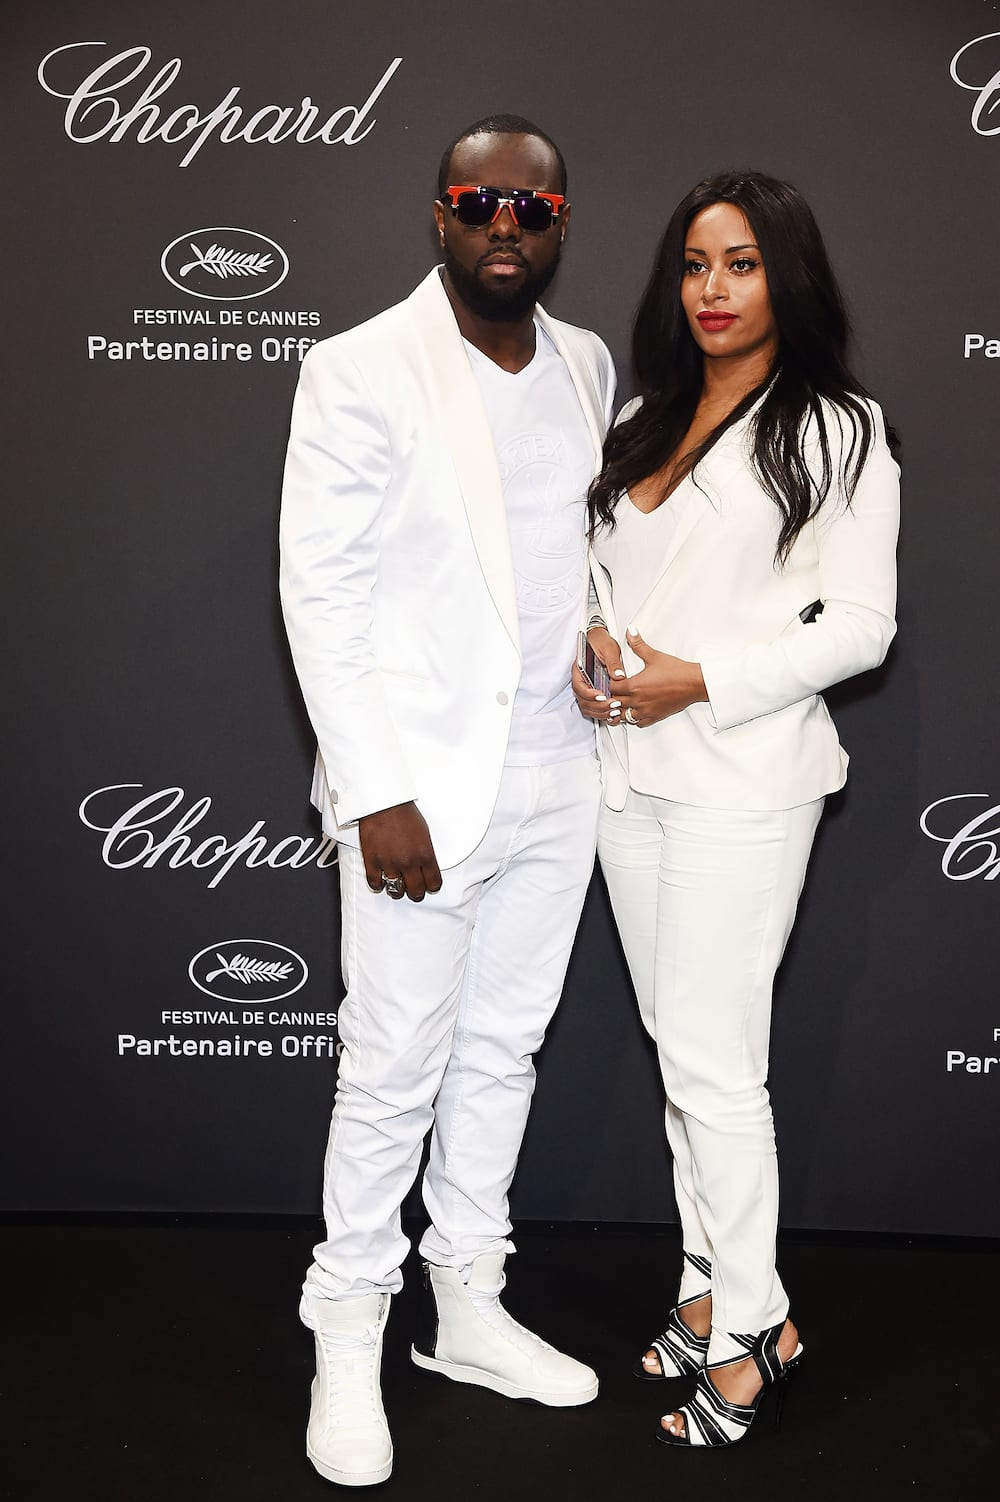 Maître Gims et son épouse DemDem assistent à la soirée Chopard au 69e Festival de Cannes le 16 mai 2016 à Cannes, France. (Photo par Stéphane Cardinale - Corbis/Corbis via Getty Images)